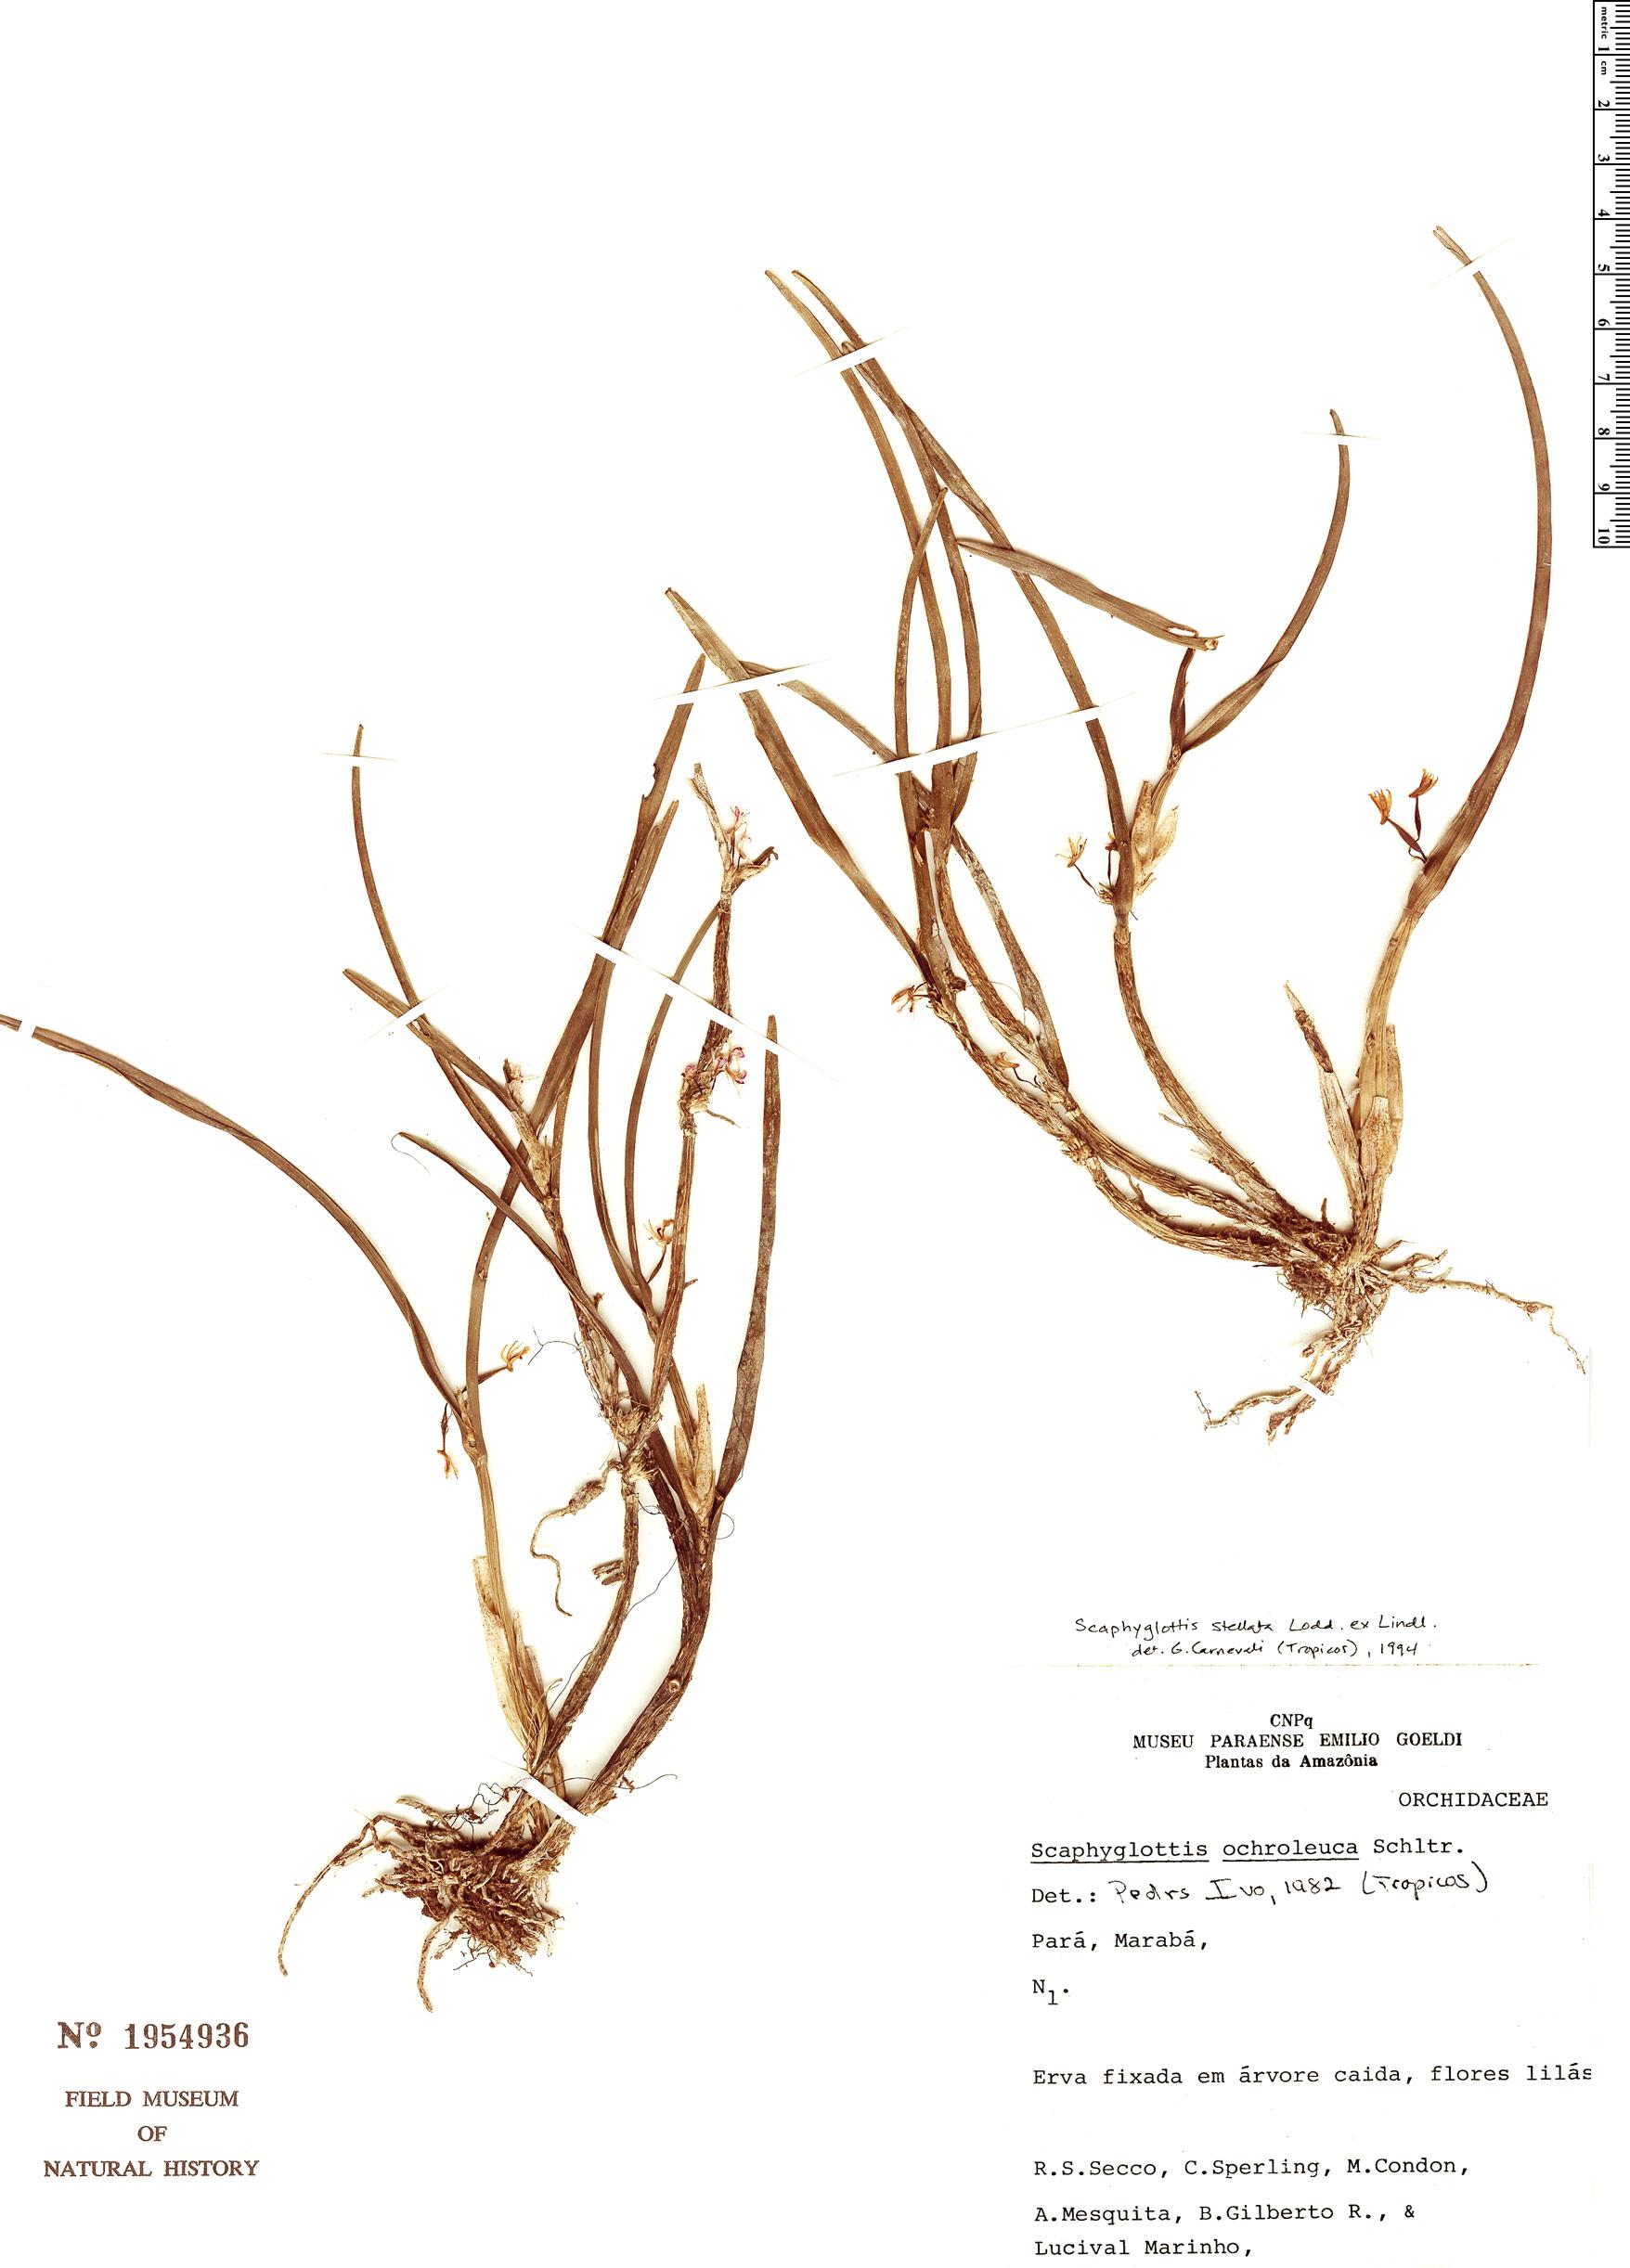 Espécimen: Scaphyglottis stellata